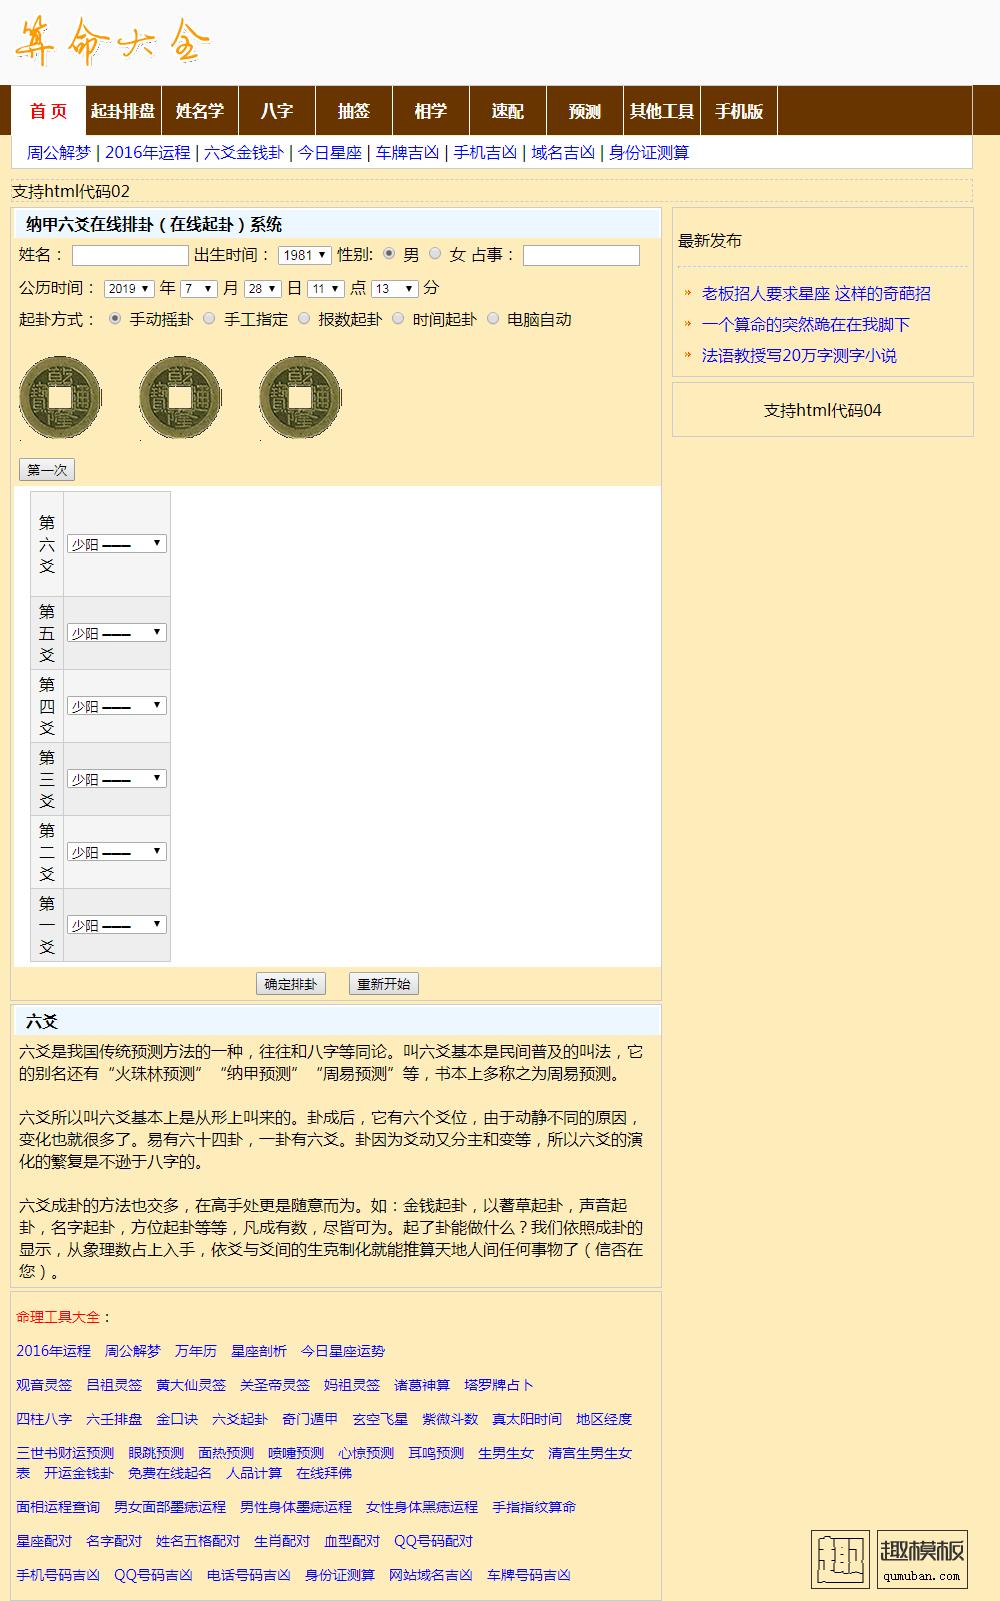 在线八字算命网站源码免费下载_ASP八字预测算命风水类源码下载 网站源码 第5张